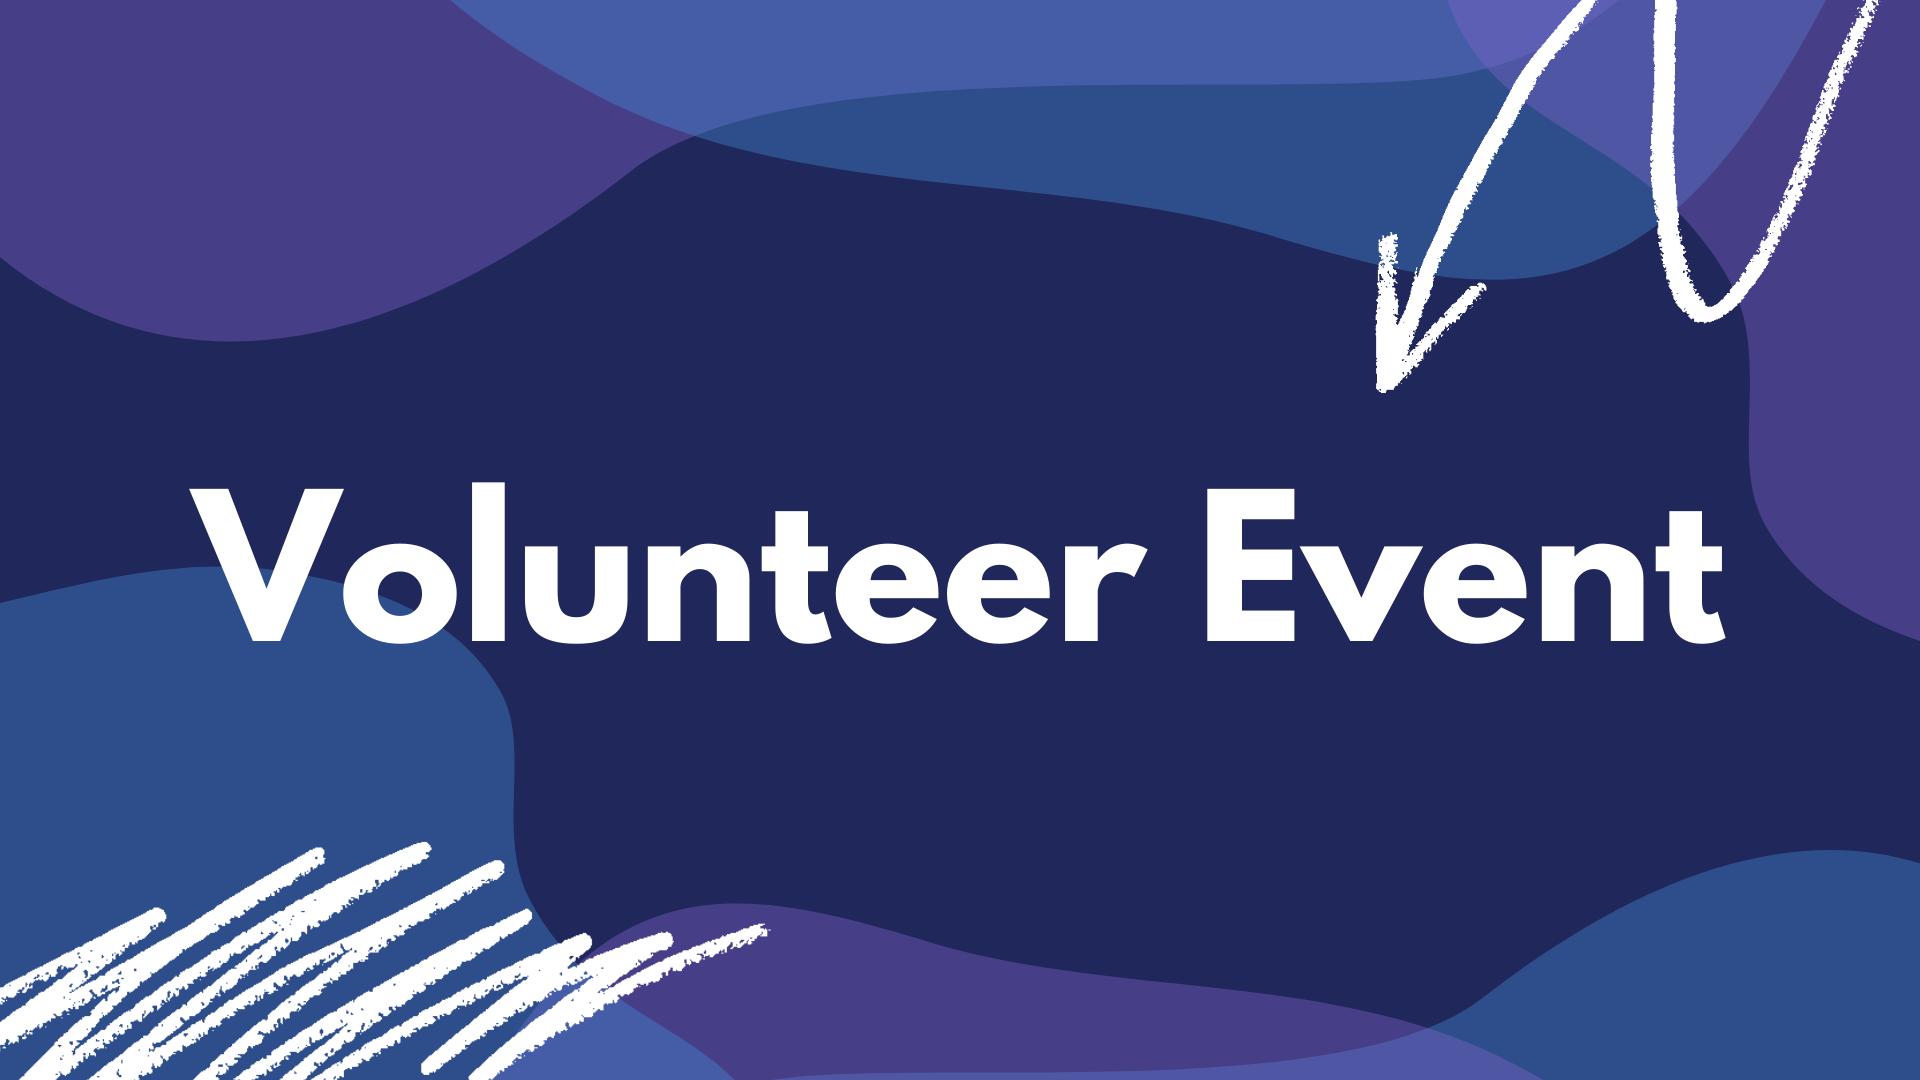 Volunteer Event